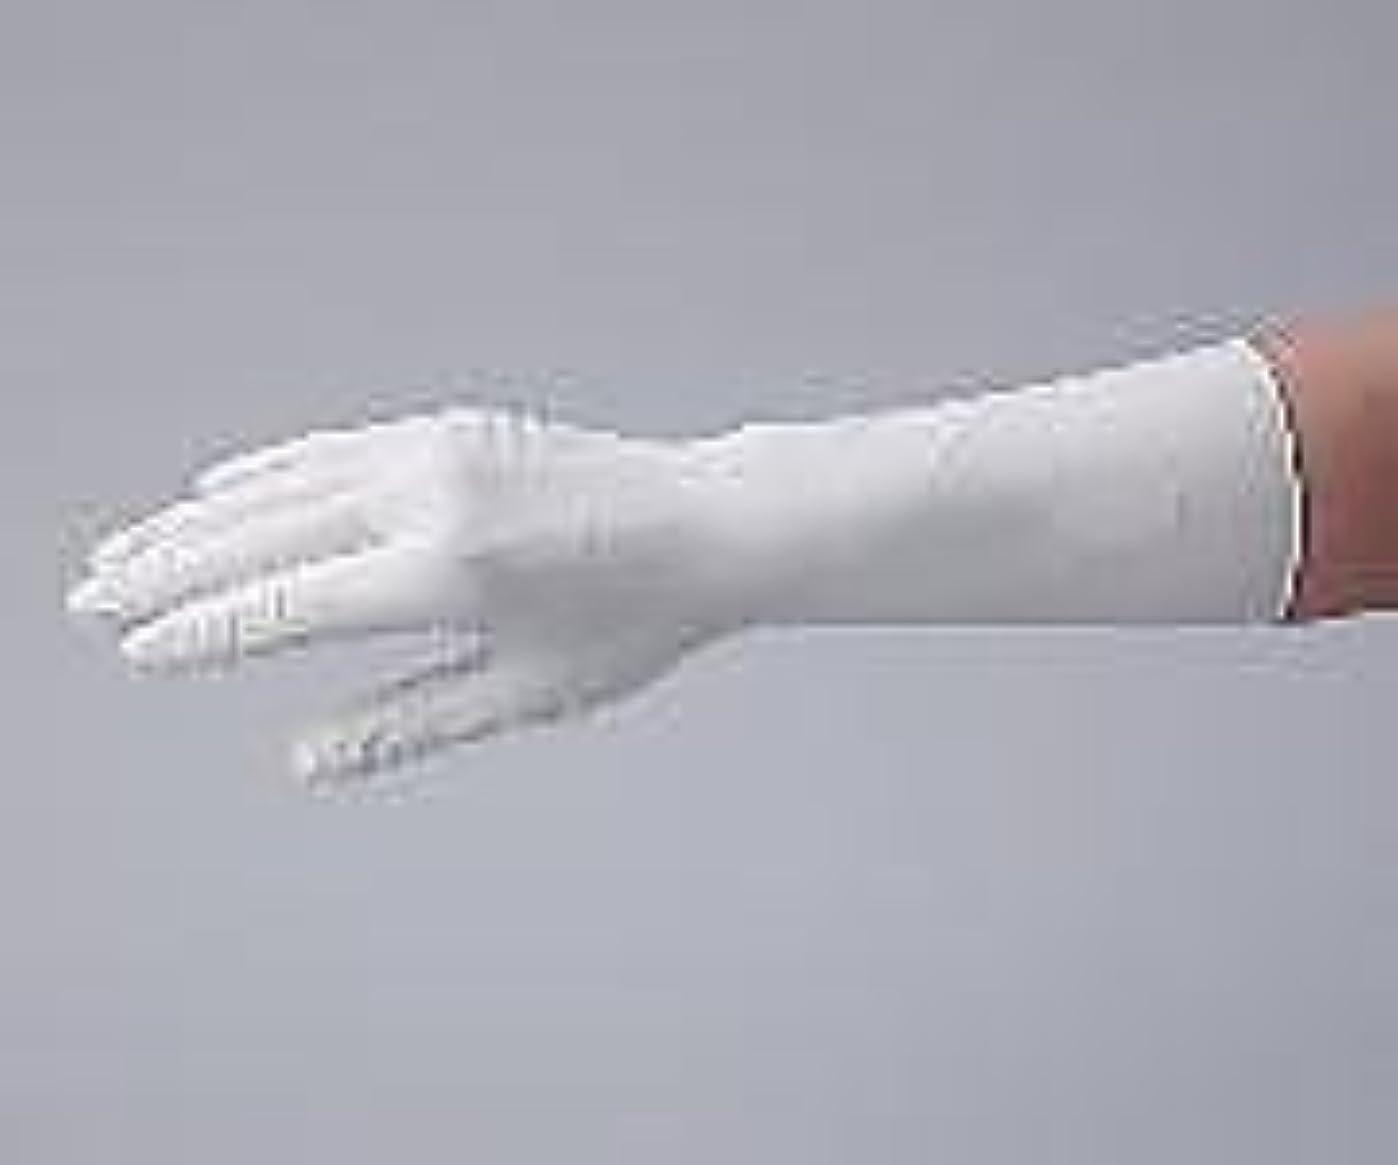 ヨーロッパ場合応答アズピュア(アズワン)1-2324-52アズピュアクリーンファーストニトリル手袋(ペアタイプ)クリーンパックS左右各50枚×10袋入